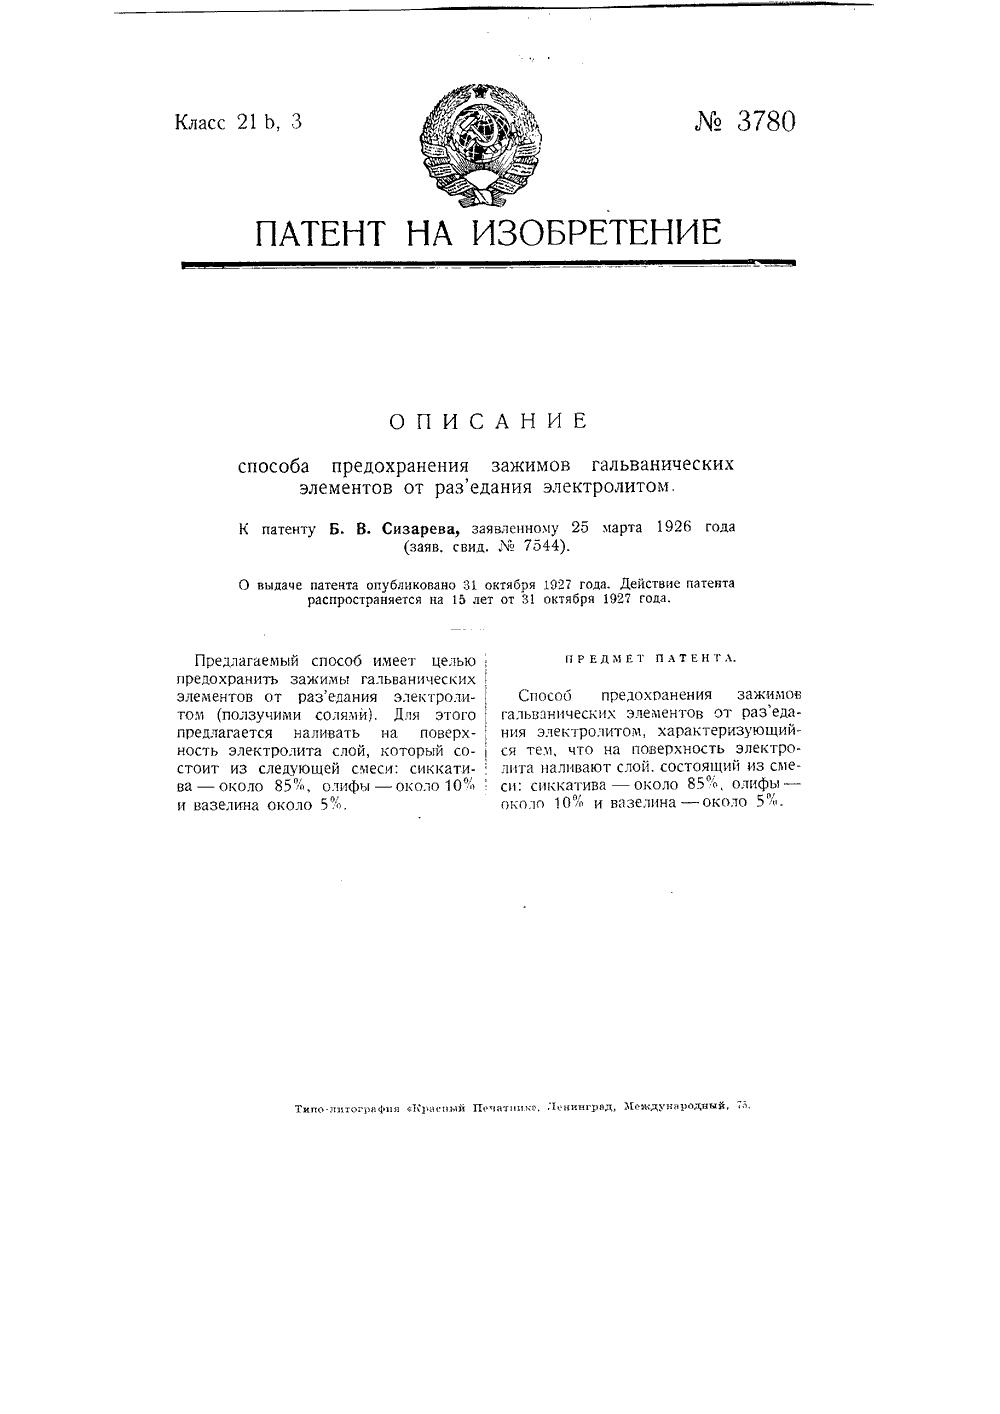 схема гальванического элемента кобальта